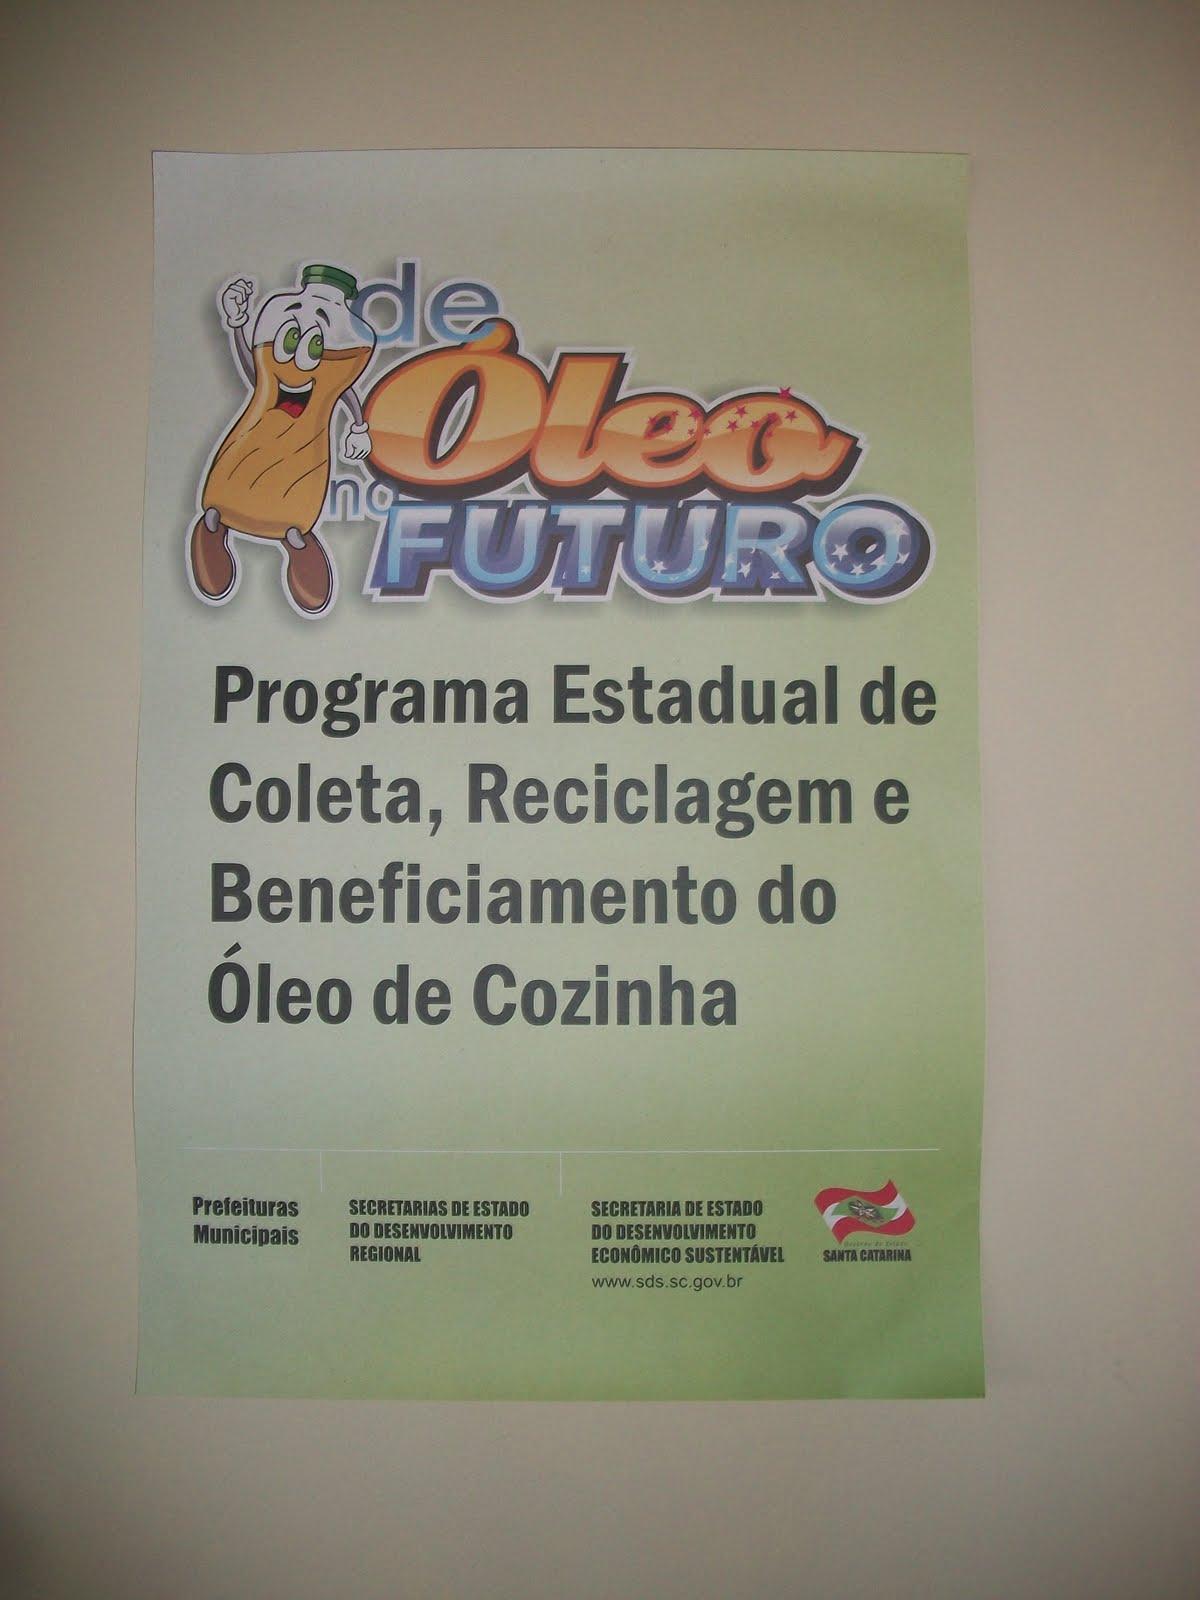 Grande Maracajá SC: Reciclagem do óleo de cozinha é tema do projeto  #8D613E 1200 1600